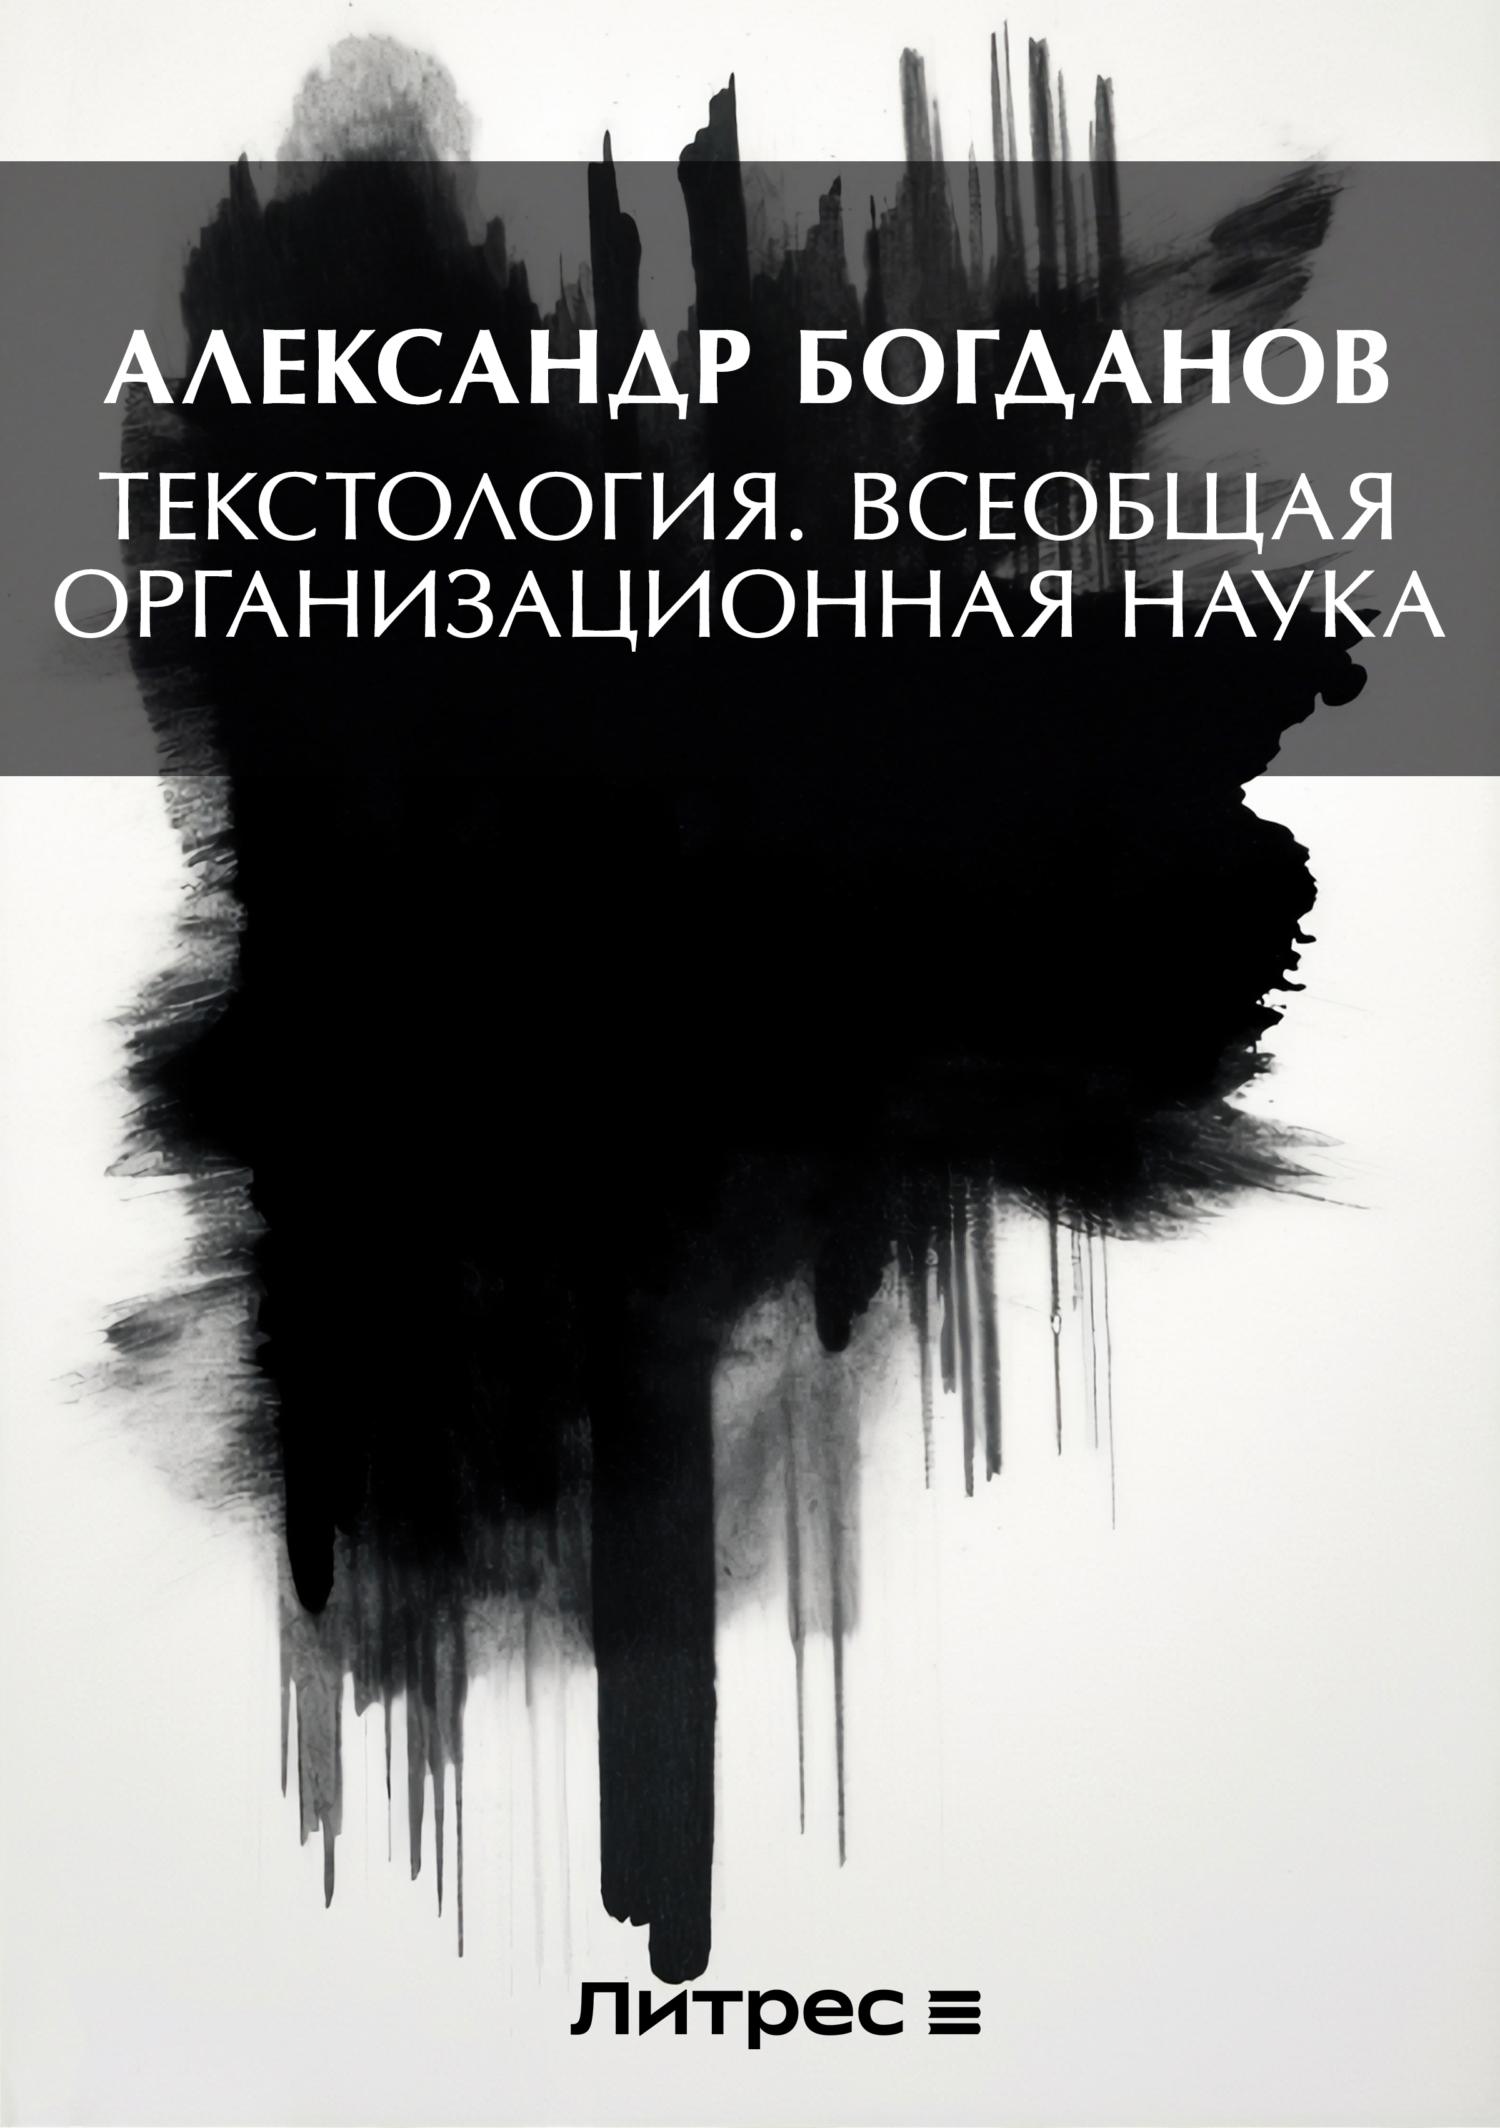 Александр Александрович Богданов Тектология. Всеобщая организационная наука цена и фото